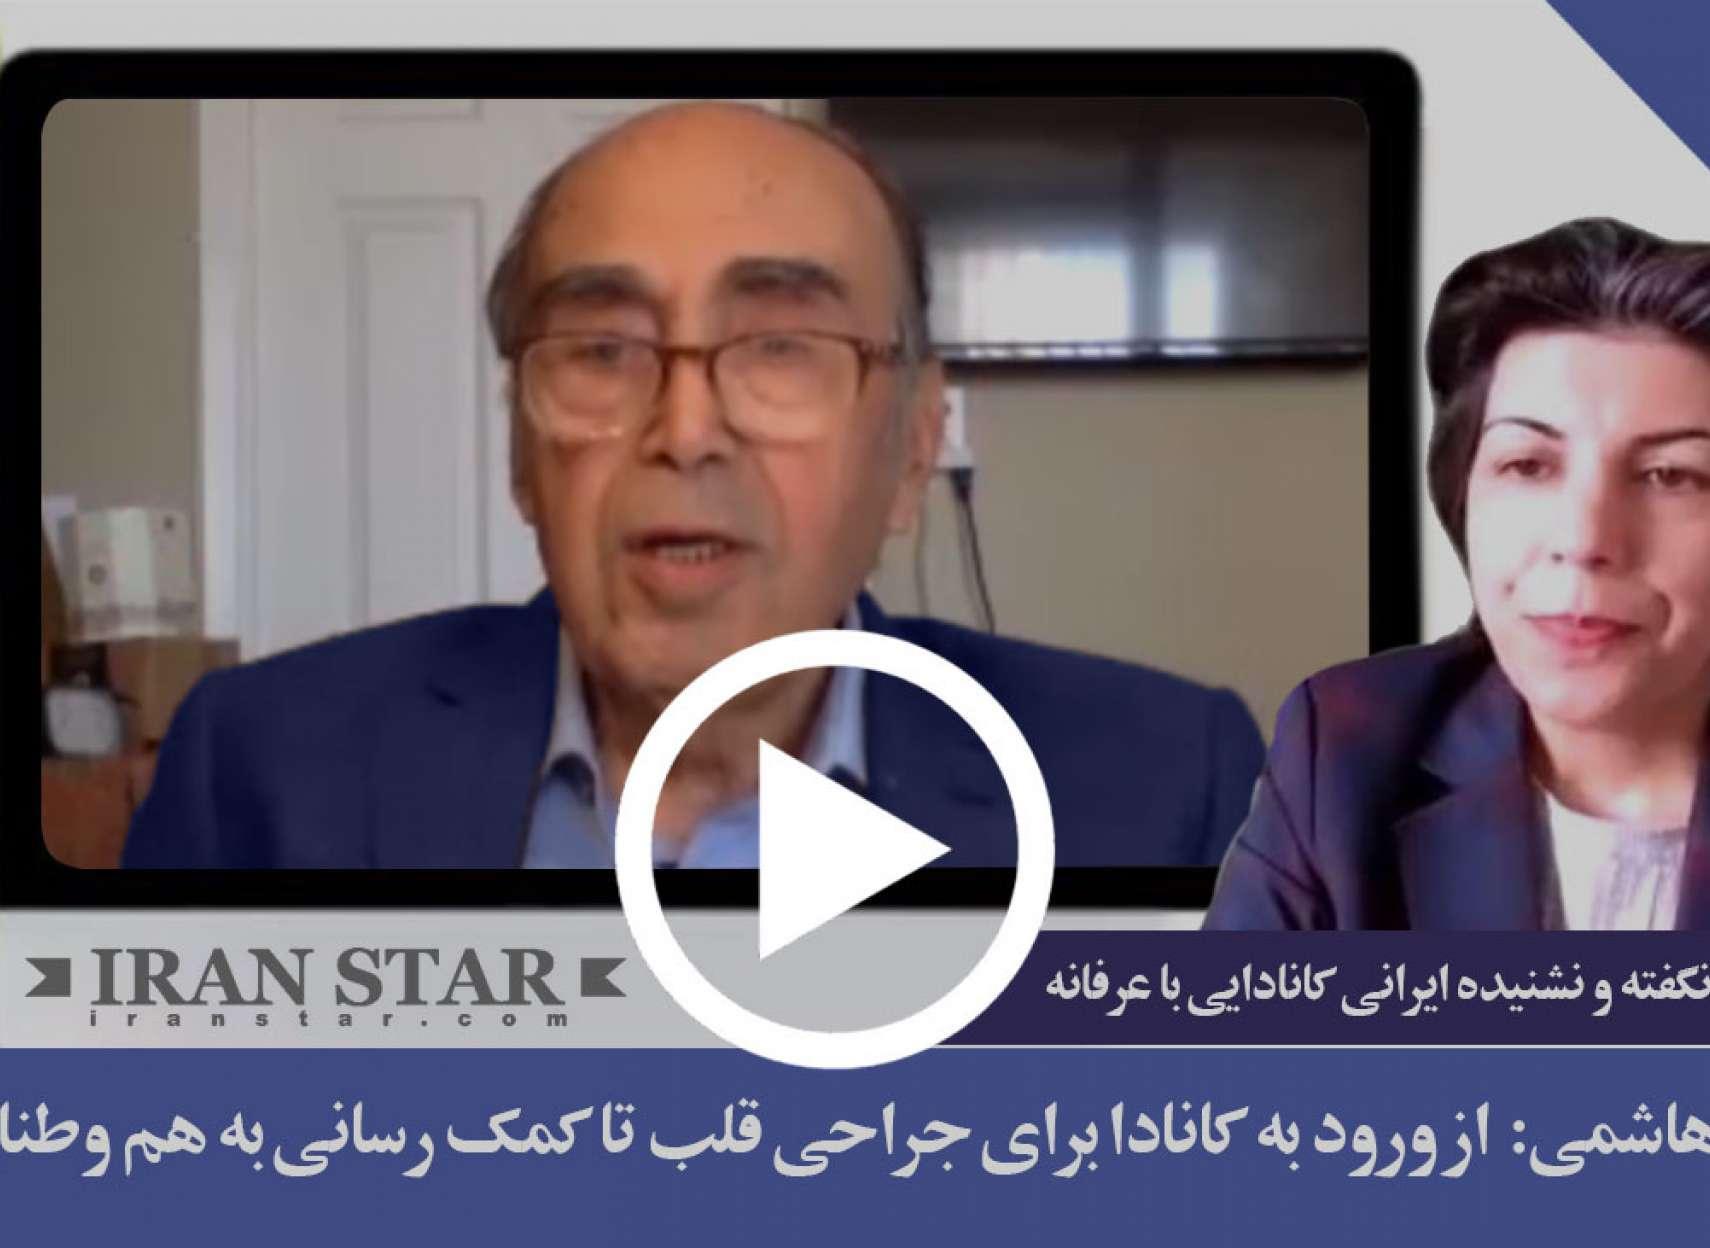 از ورود به کانادا برای جراحی قلب تا کمک رسانی به هم وطنان ایرانی